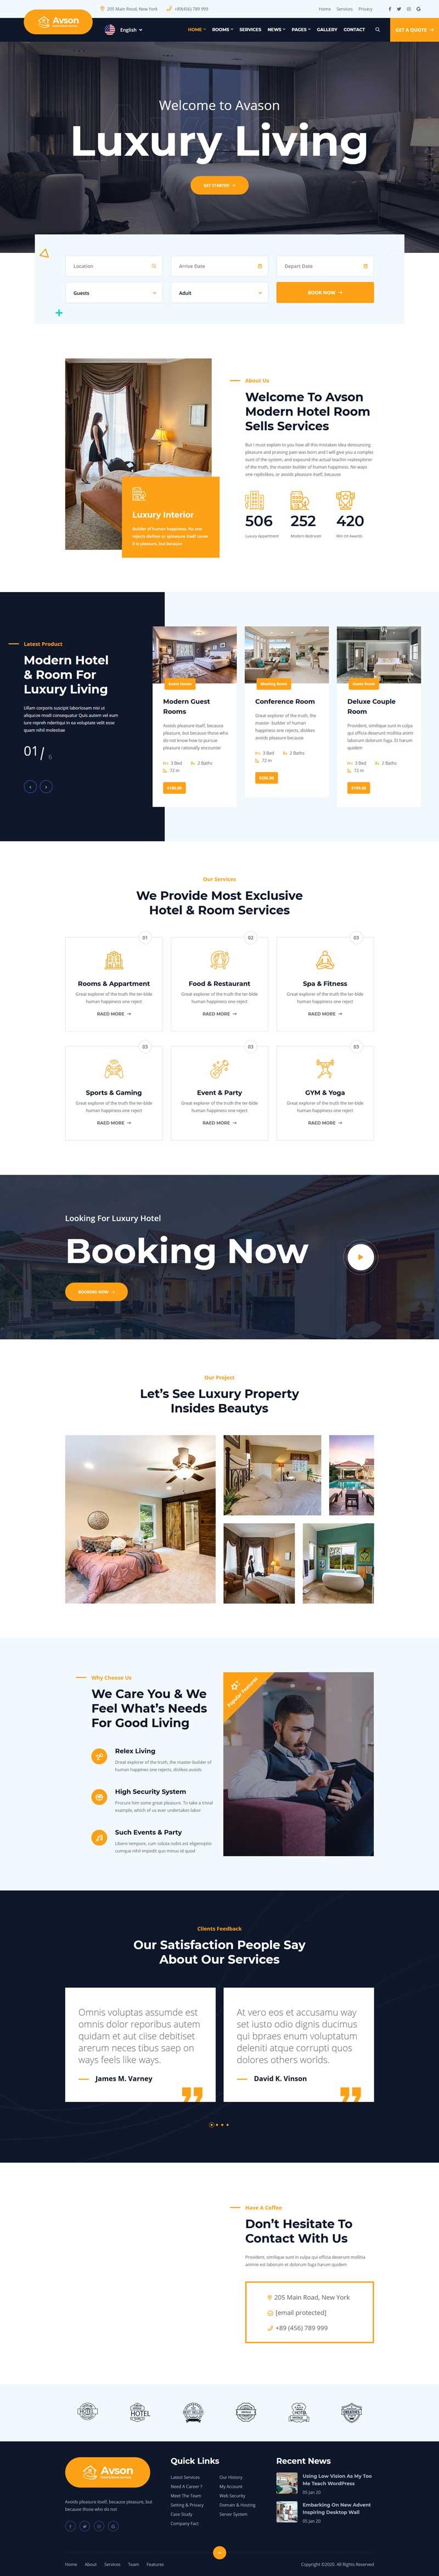 星级酒店客房预订官网HTML5模板